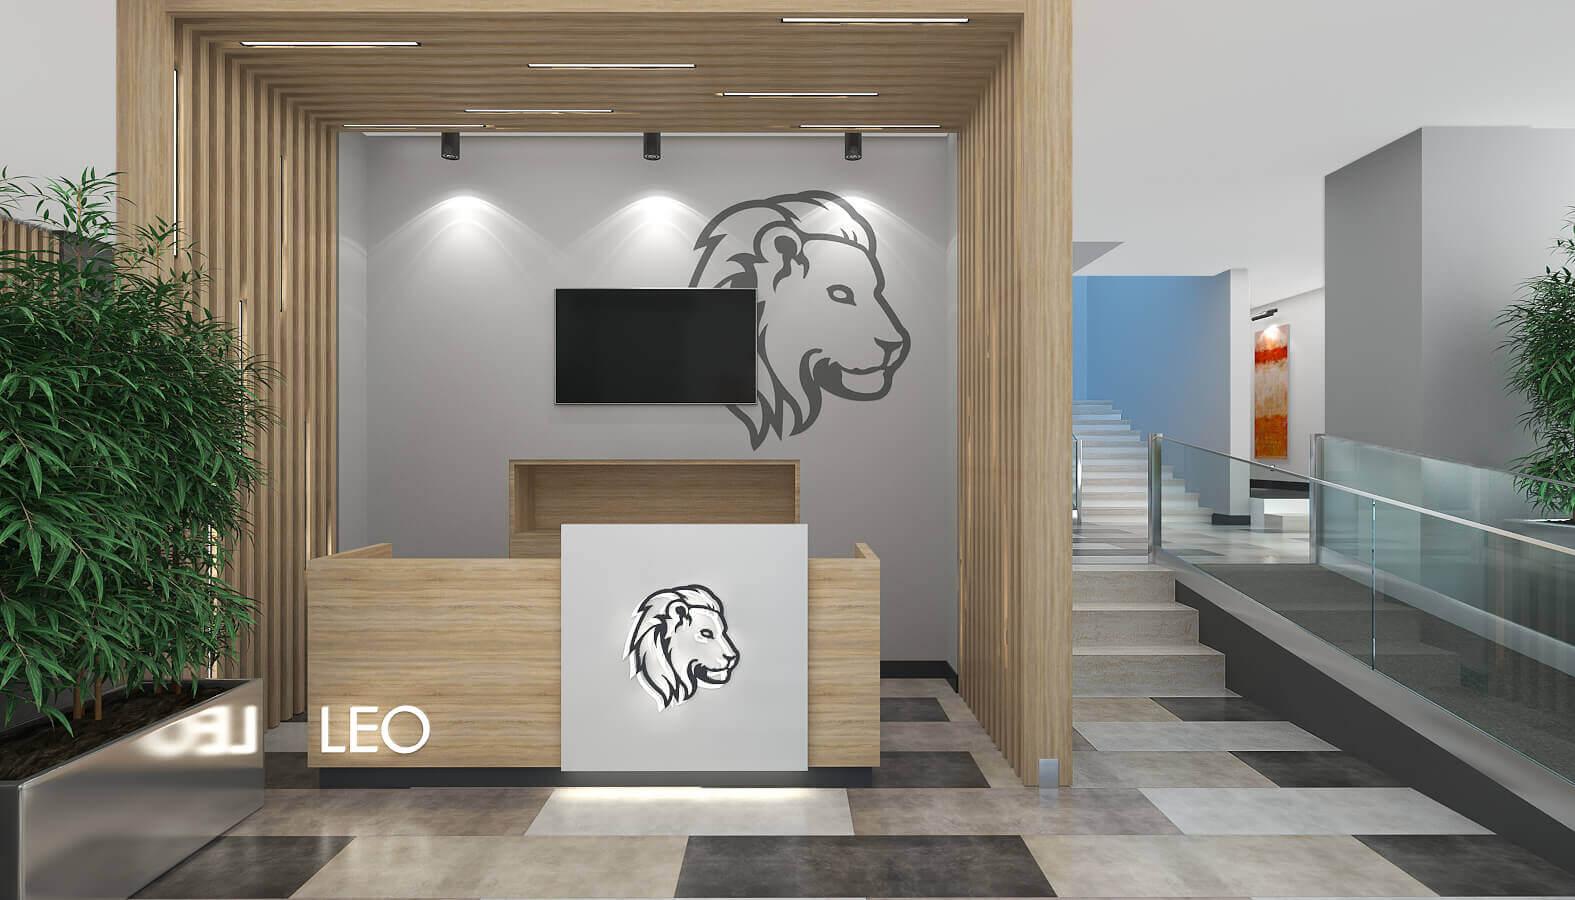 Resepsiyon 3821 Leo Oteller